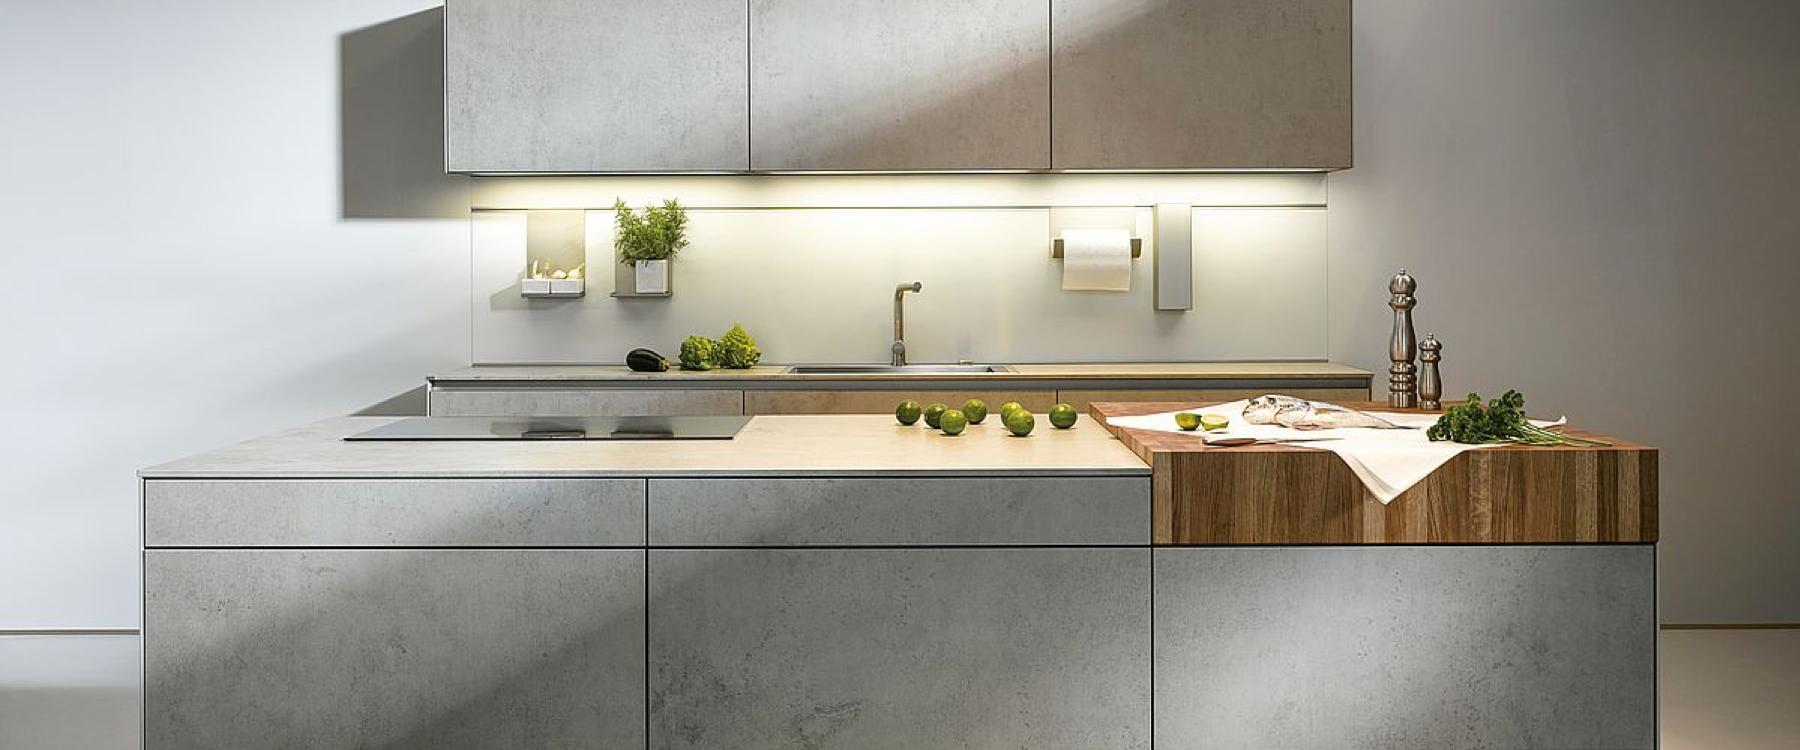 NEXT125: Next125 Küchen vergleichen + Next125 Küche planen ...